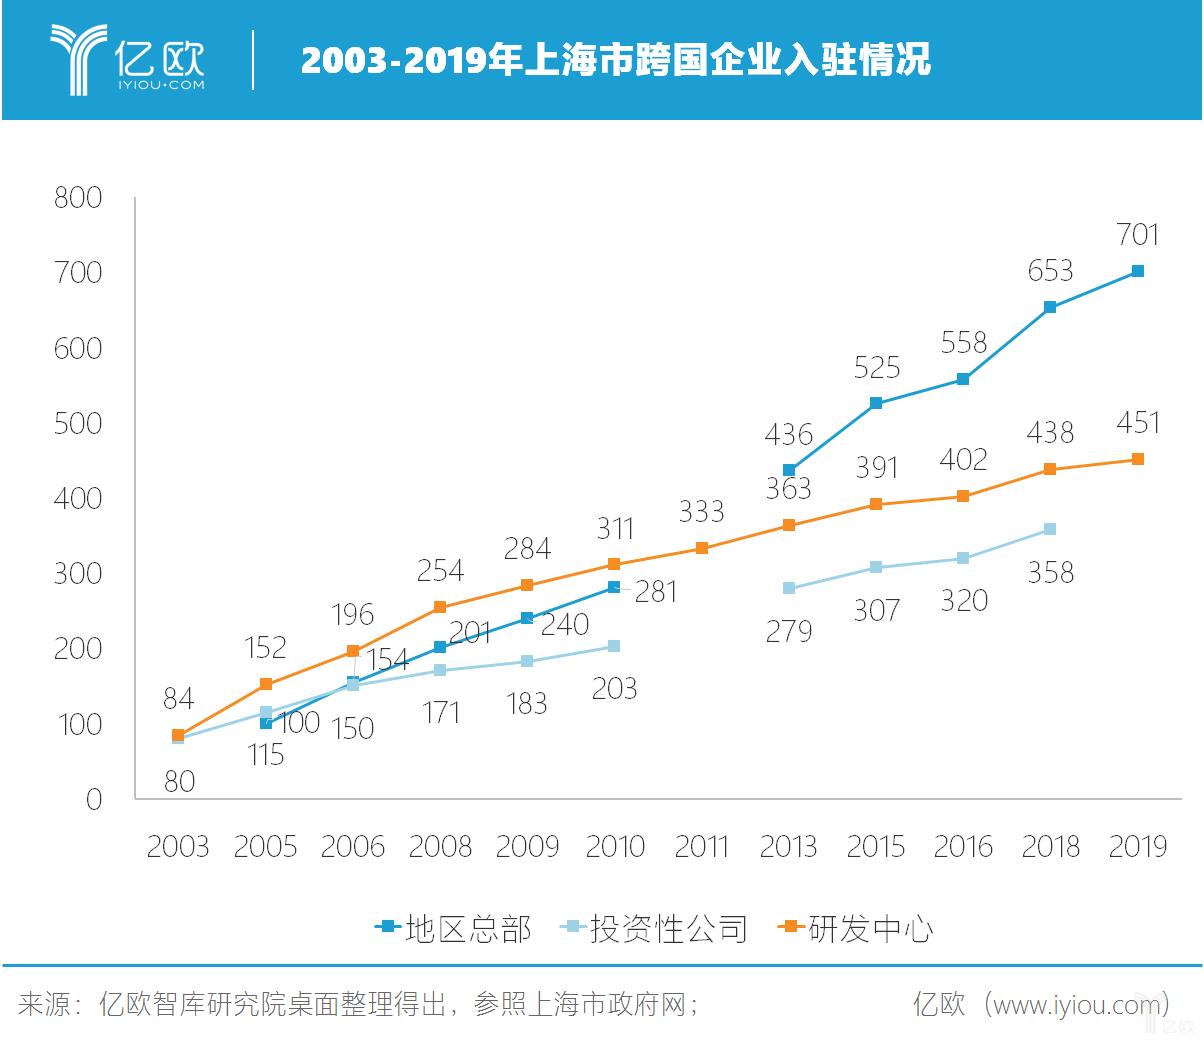 亿欧智库:2003-2019年上海市跨国企业入驻情况